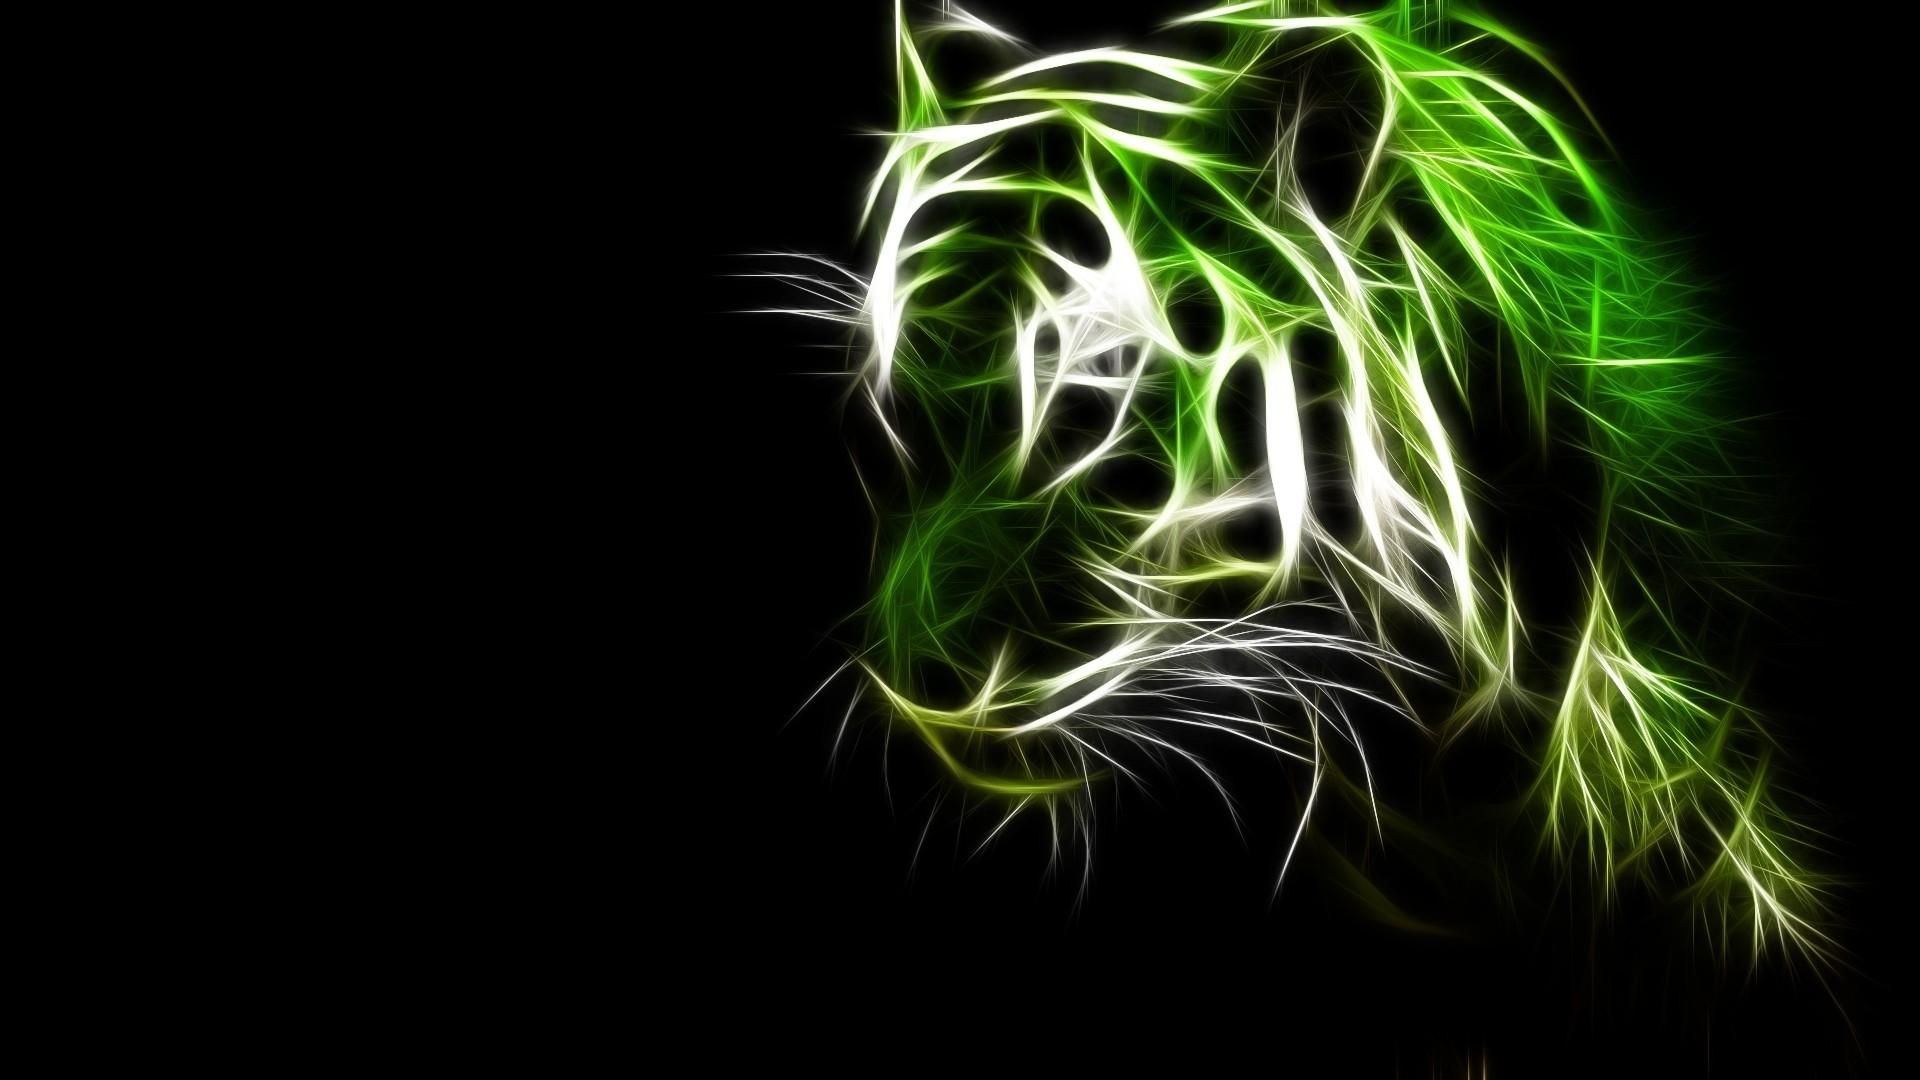 … black and green art wallpaper 11 hd wallpaper hdblackwallpaper com …